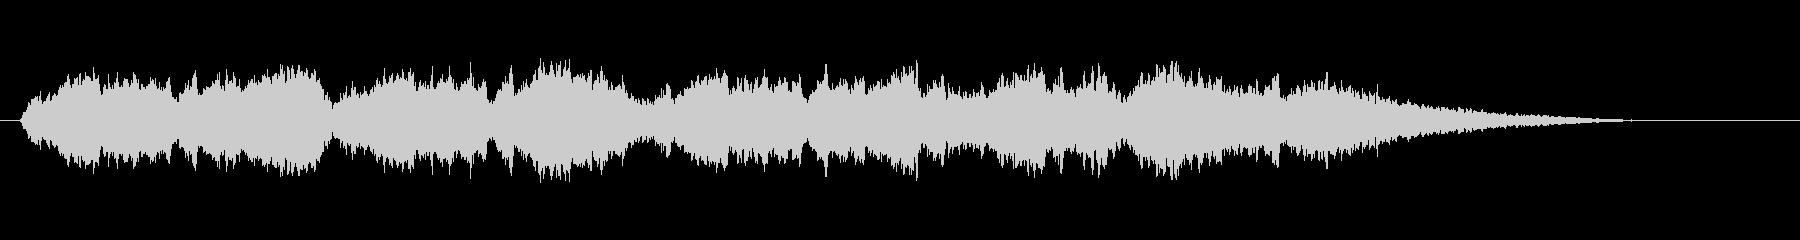 夏の終わりを表現したストリングス曲-01の未再生の波形